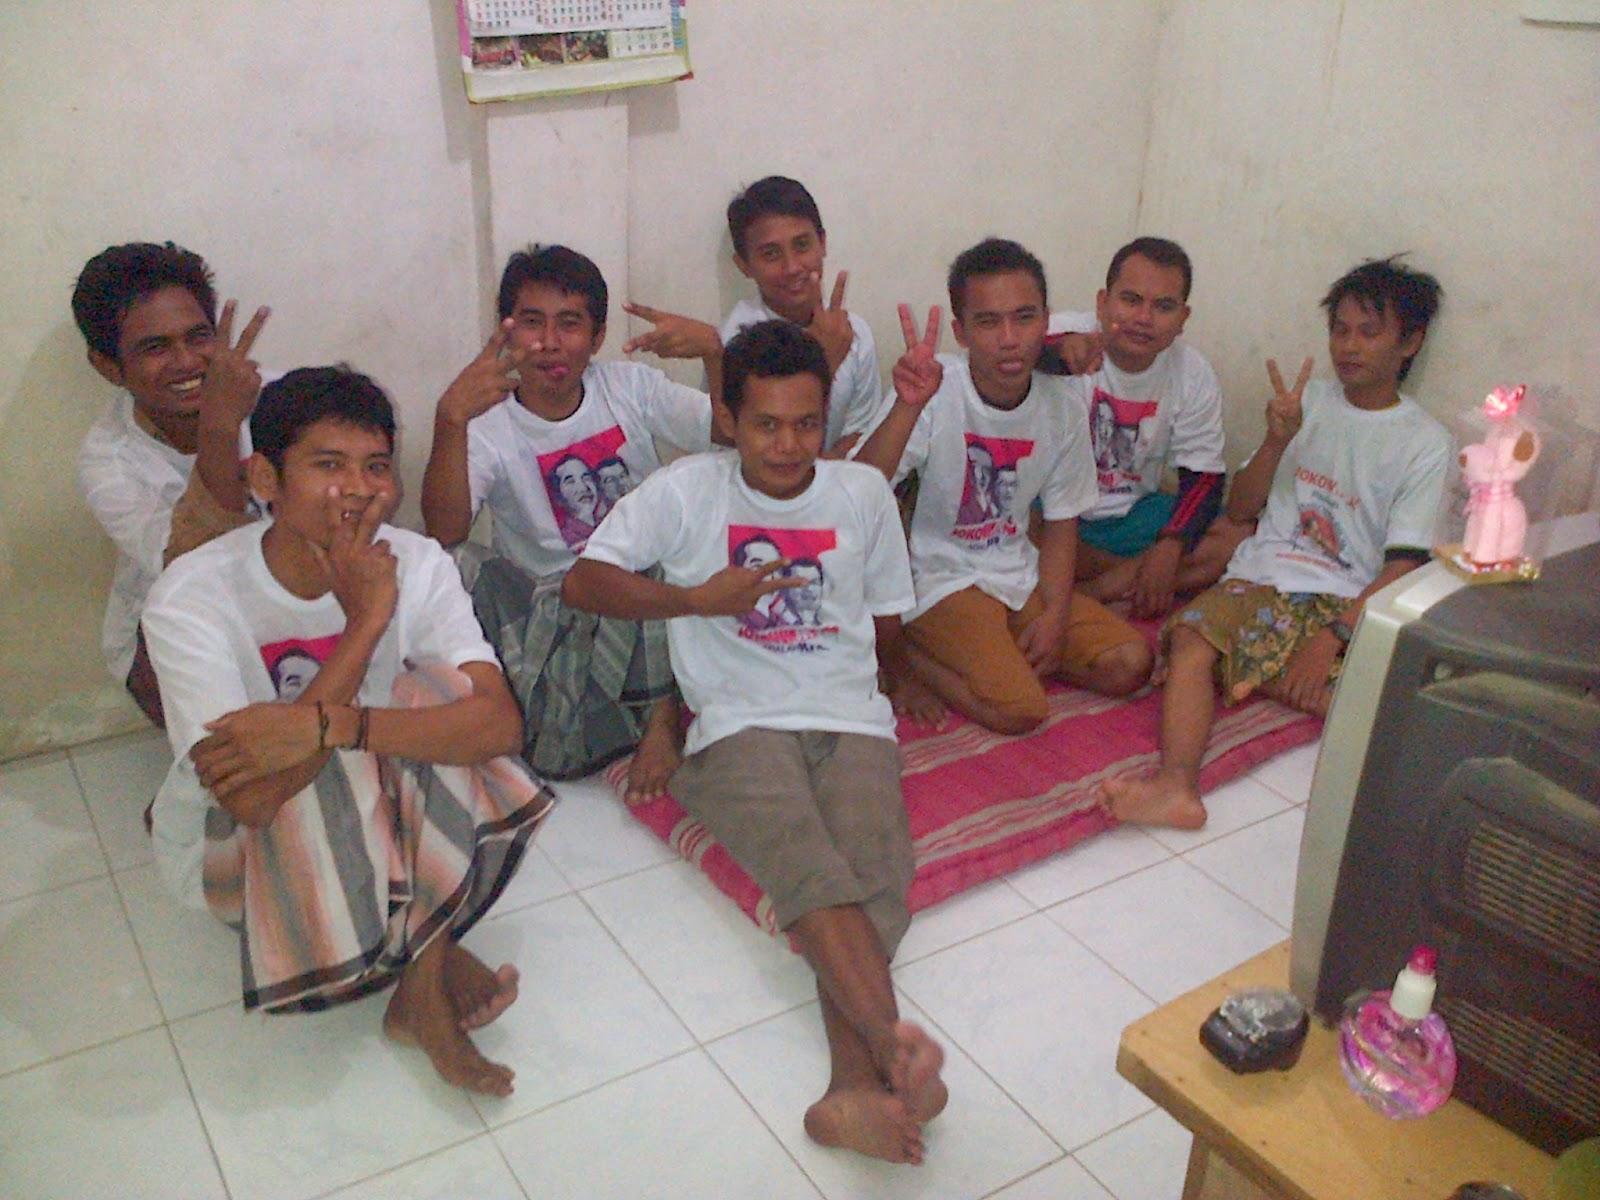 Mahasiswa Asal Madura Dukung Jokowi-JK